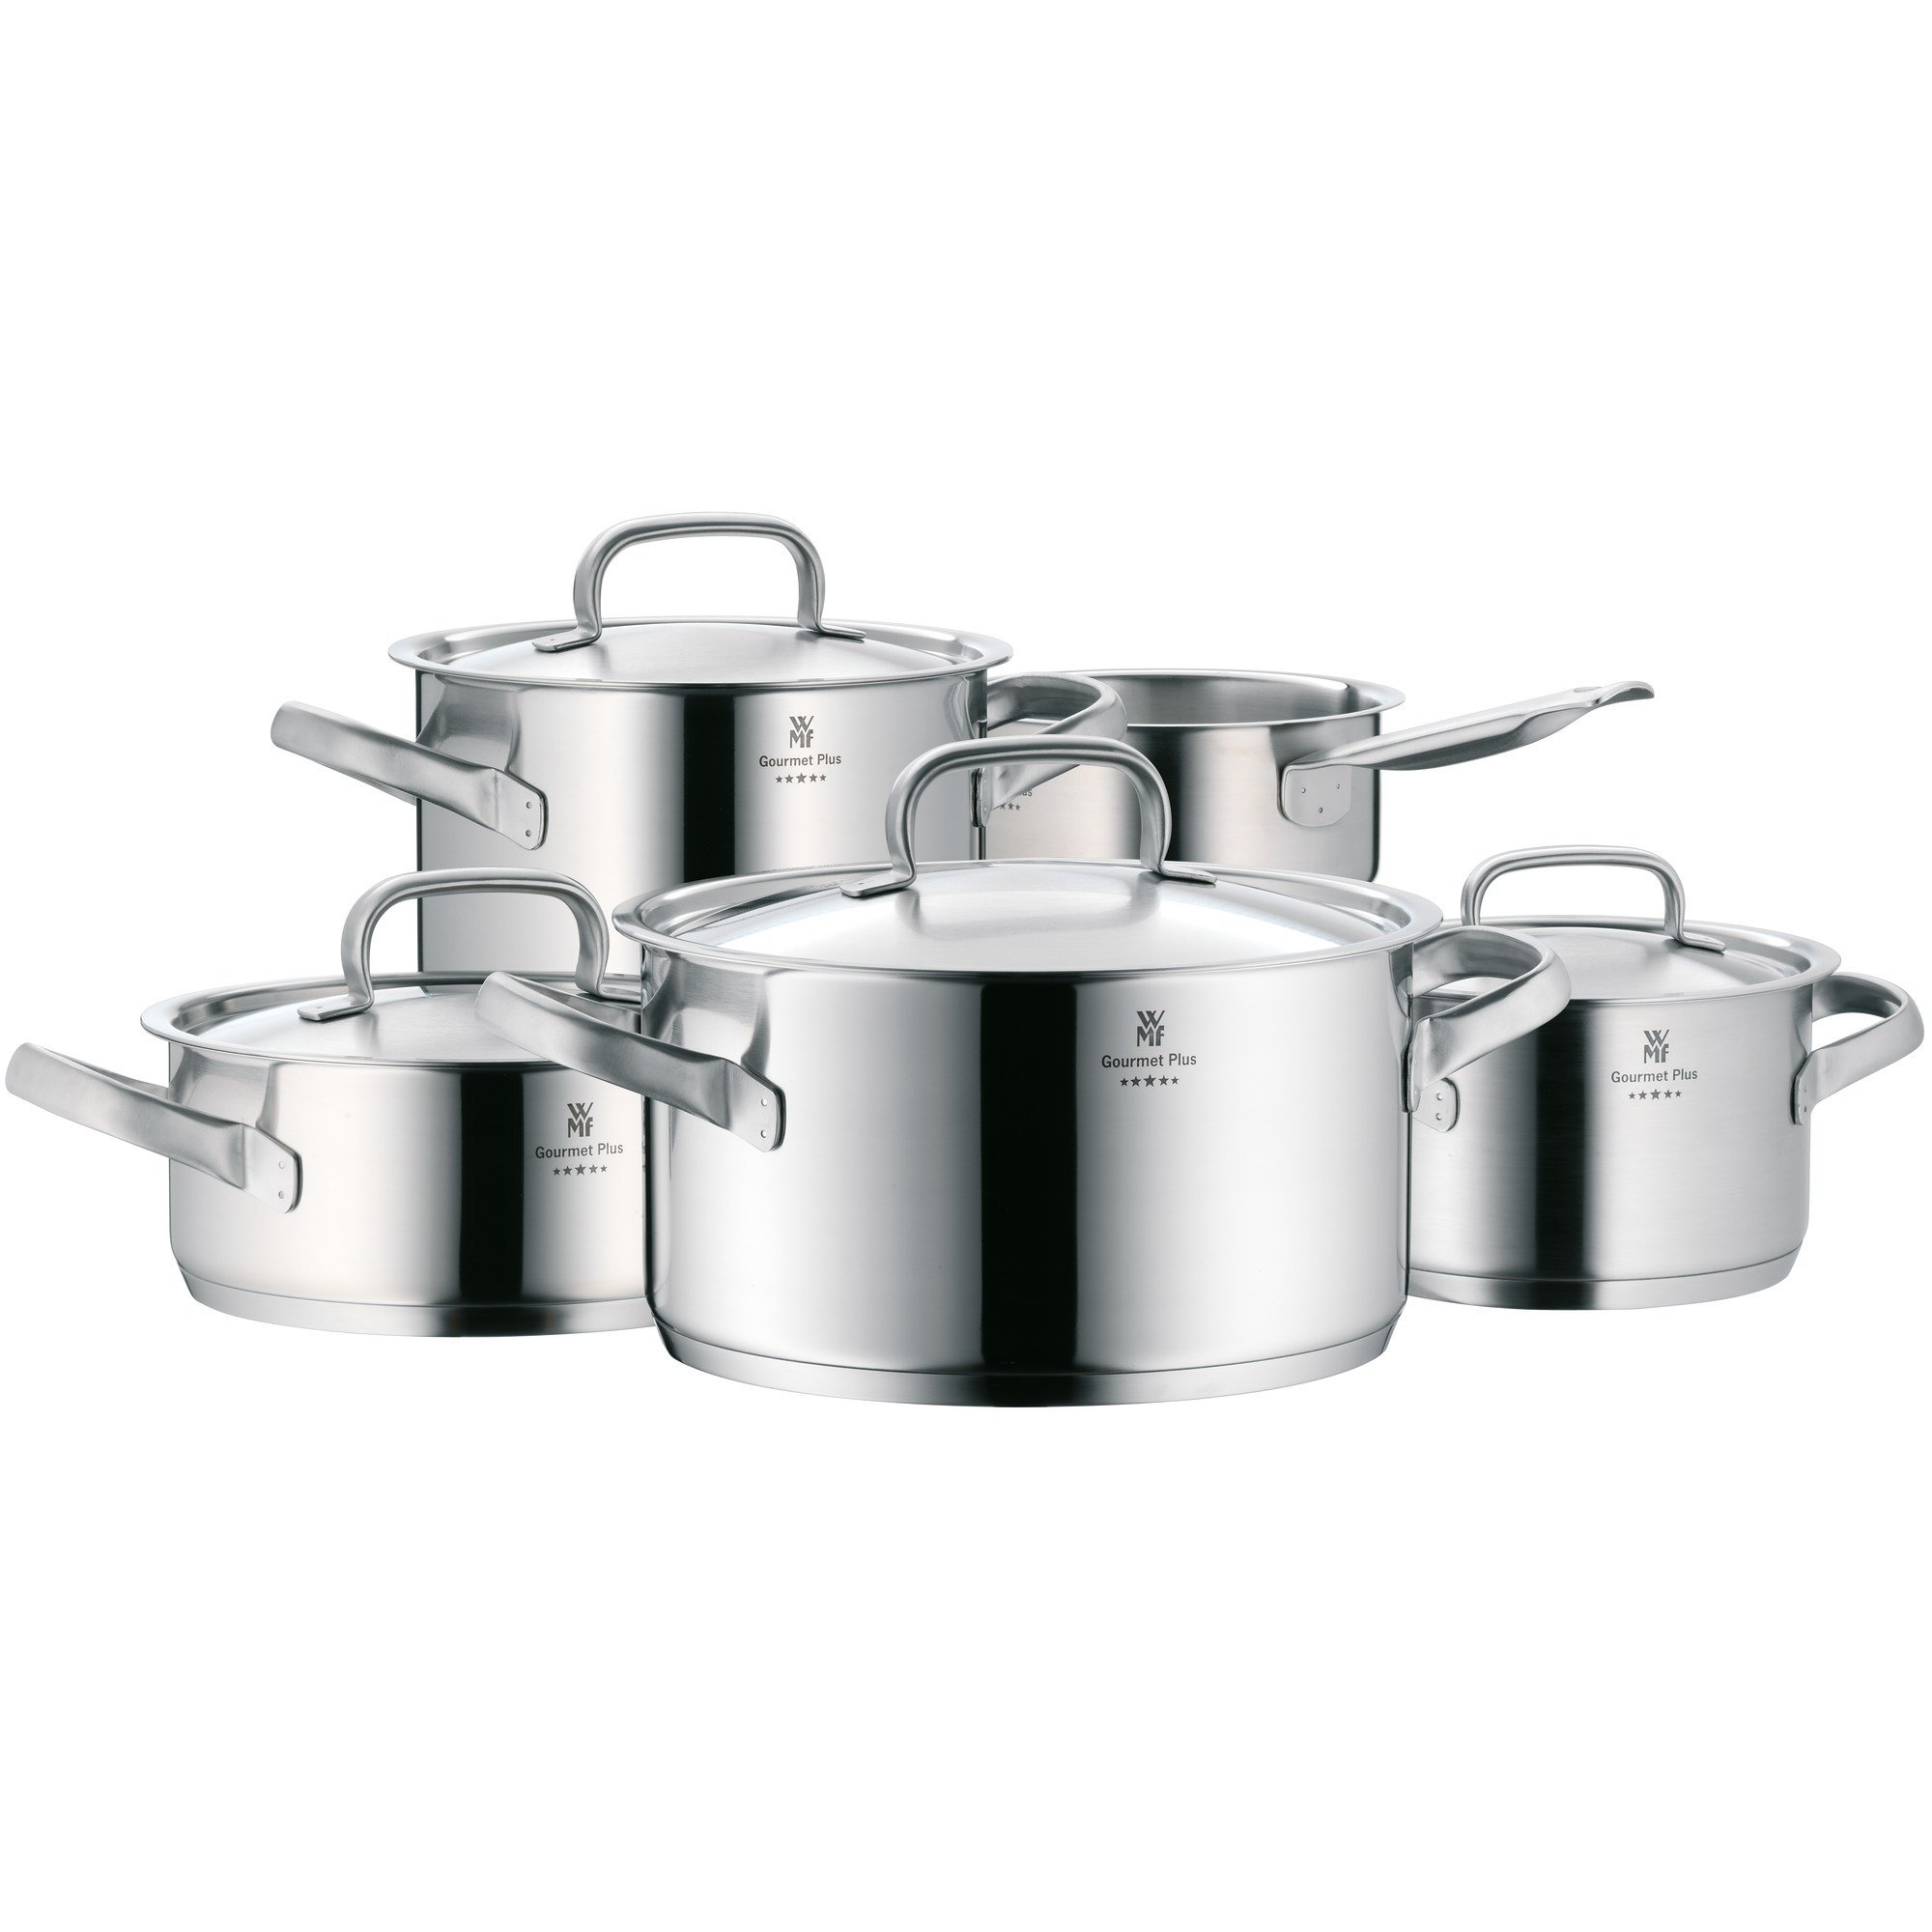 WMF Gourmet Plus-Batería de Cocina, Cromargan Acero Inoxidable, 5 Piezas product image